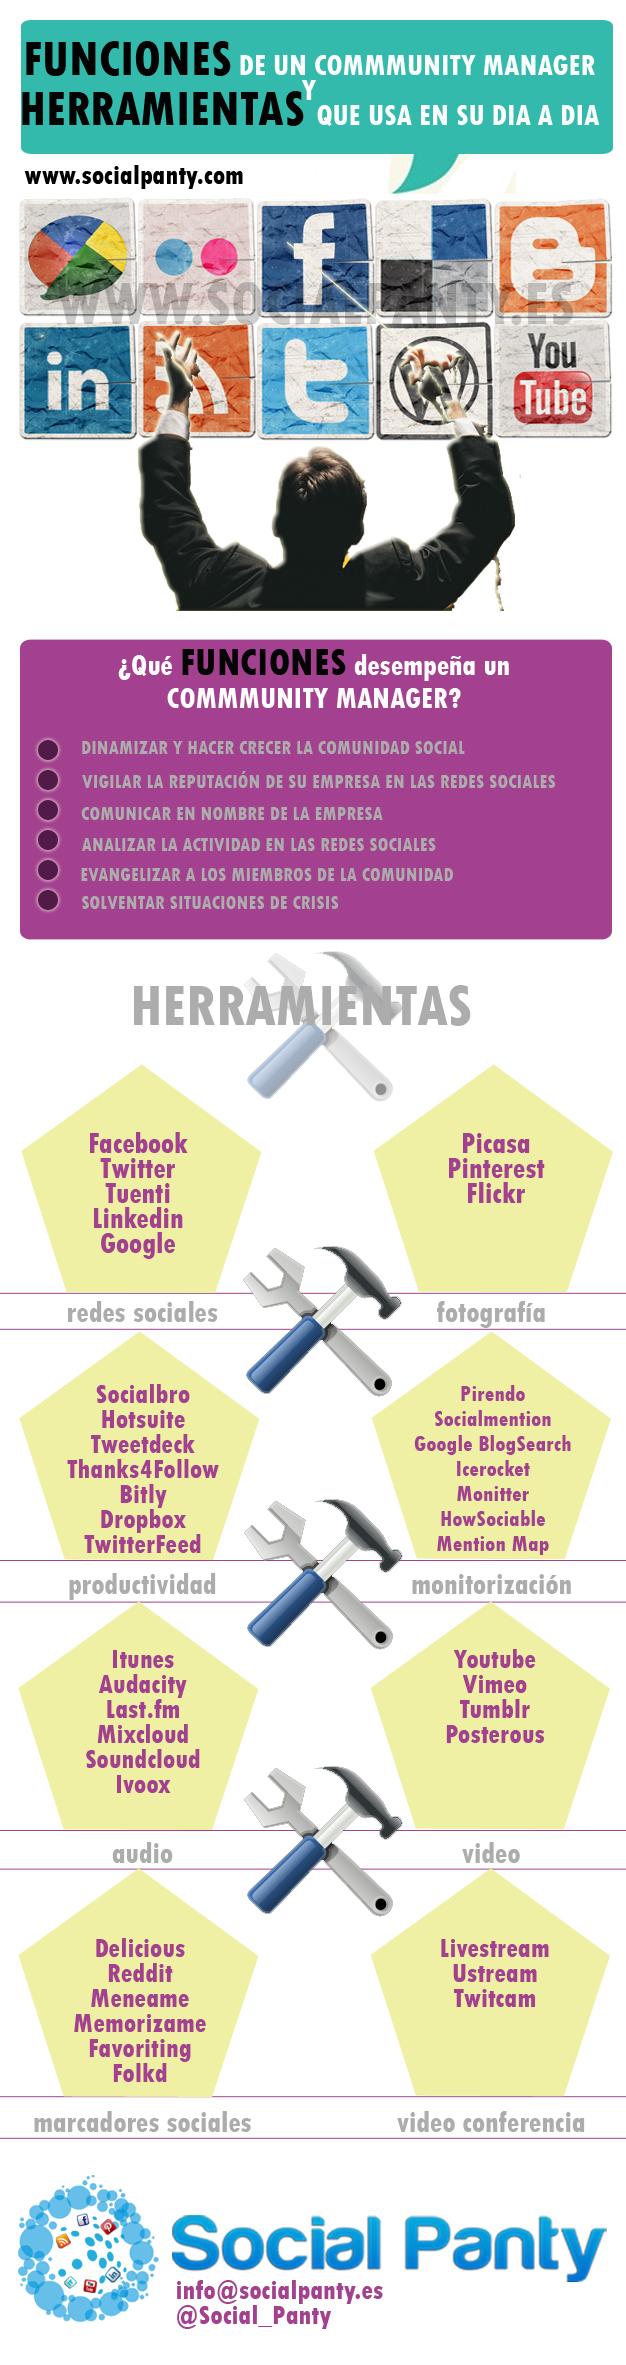 Las funciones y herramientas del CM